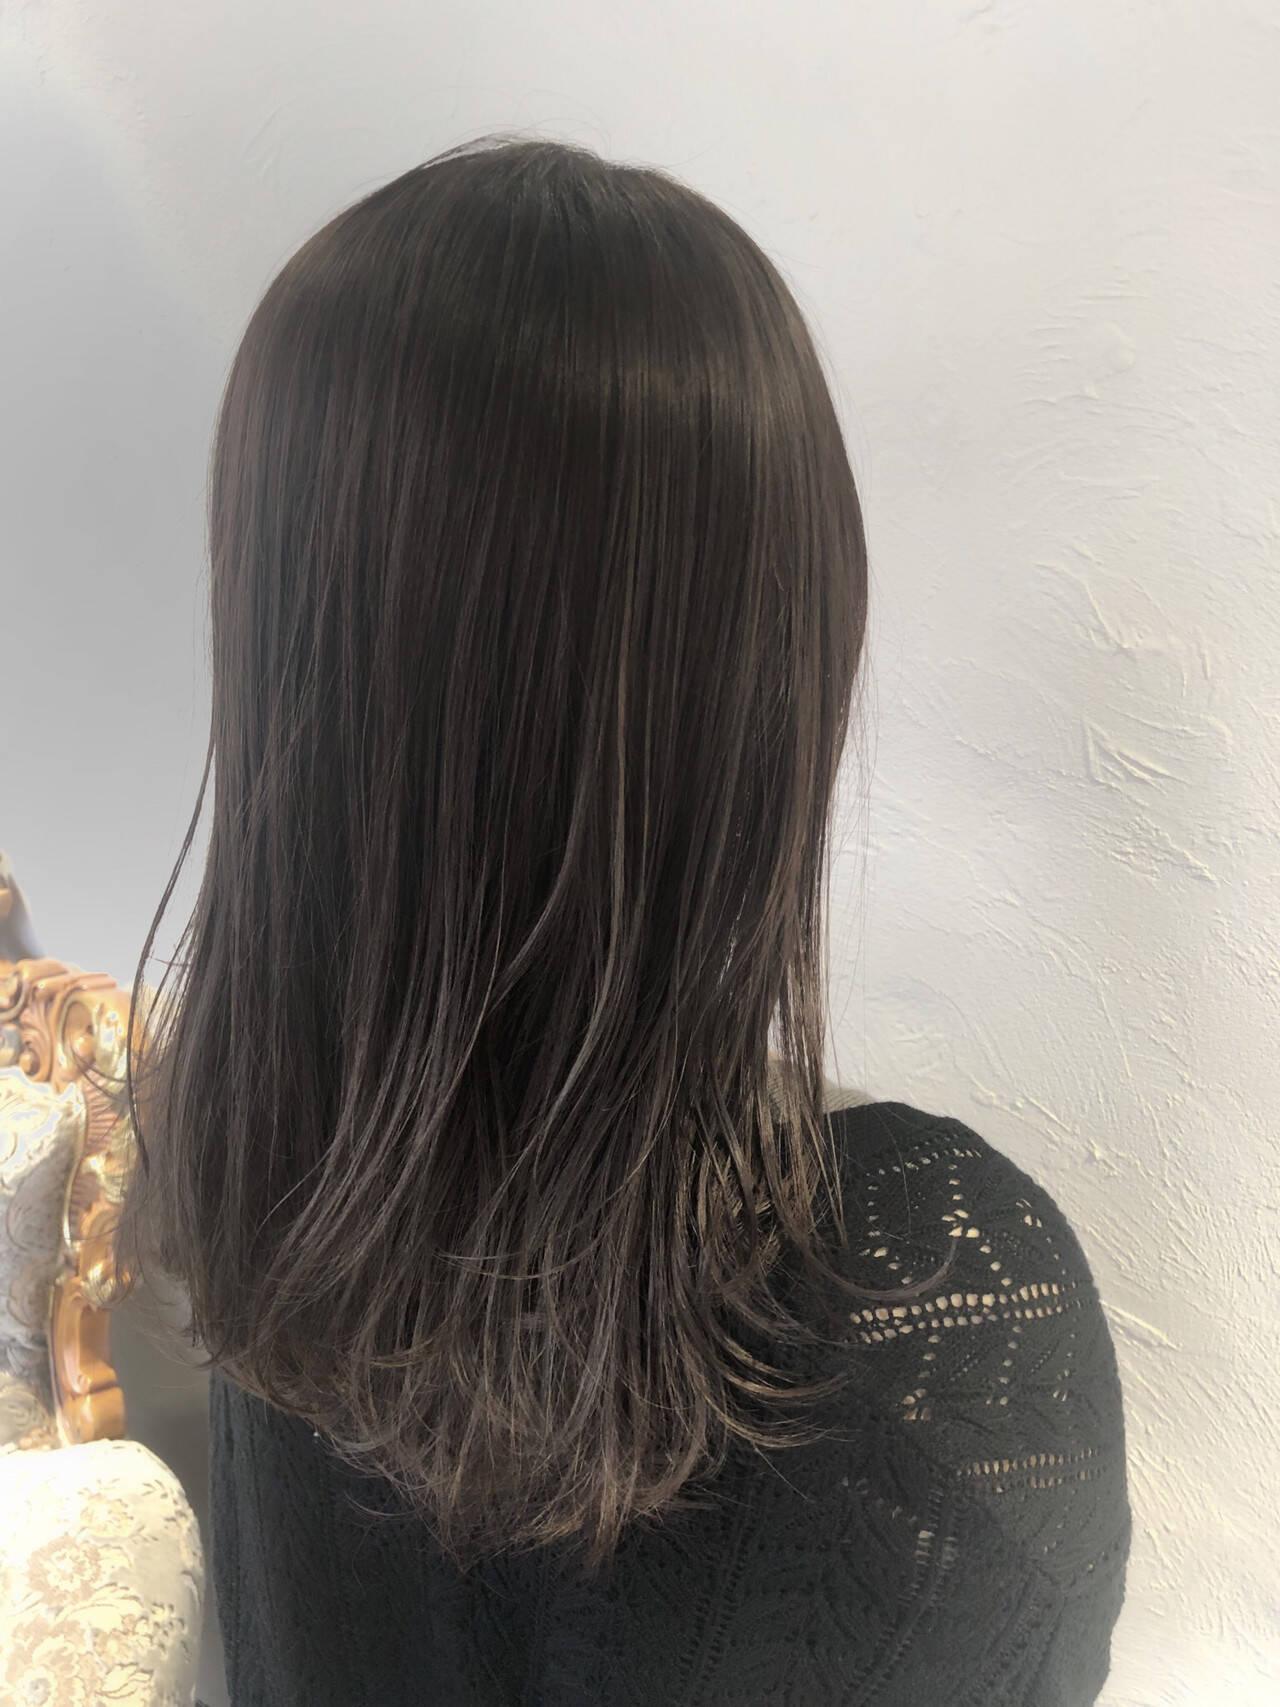 セミロング 大人ハイライト ハイライト 透明感カラーヘアスタイルや髪型の写真・画像